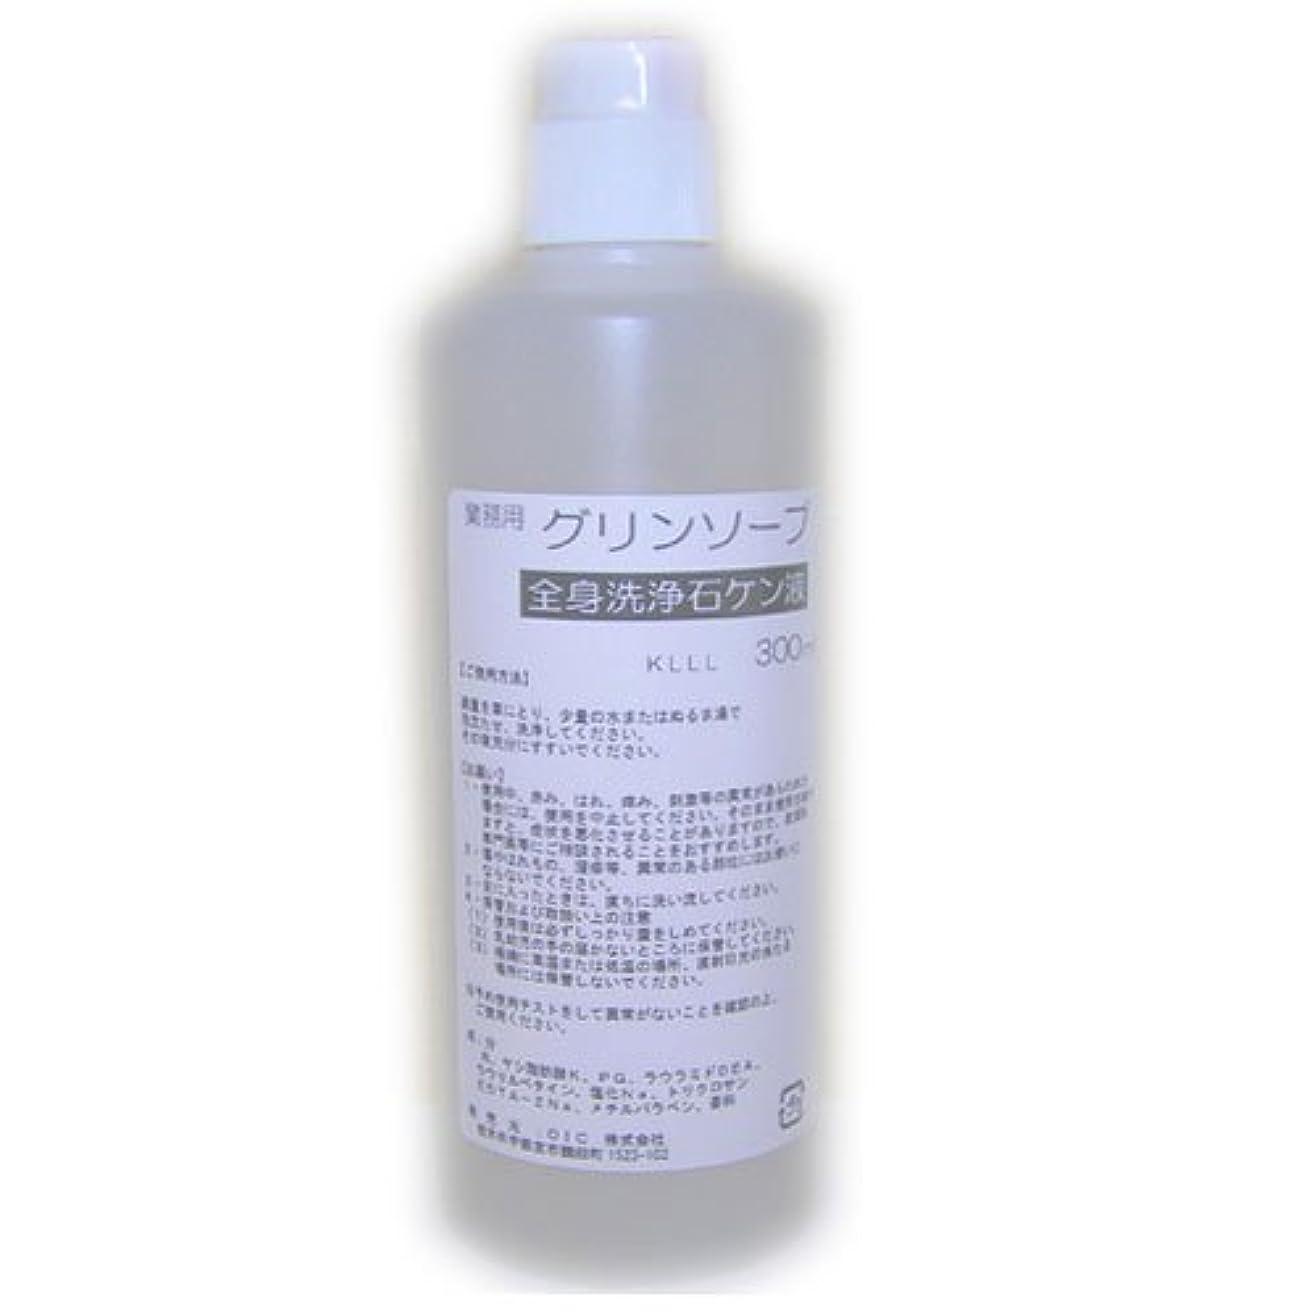 タフ化学フェザー業務用ボディソープ 殺菌成分配合?消毒石鹸液 グリンソープ (300ml)